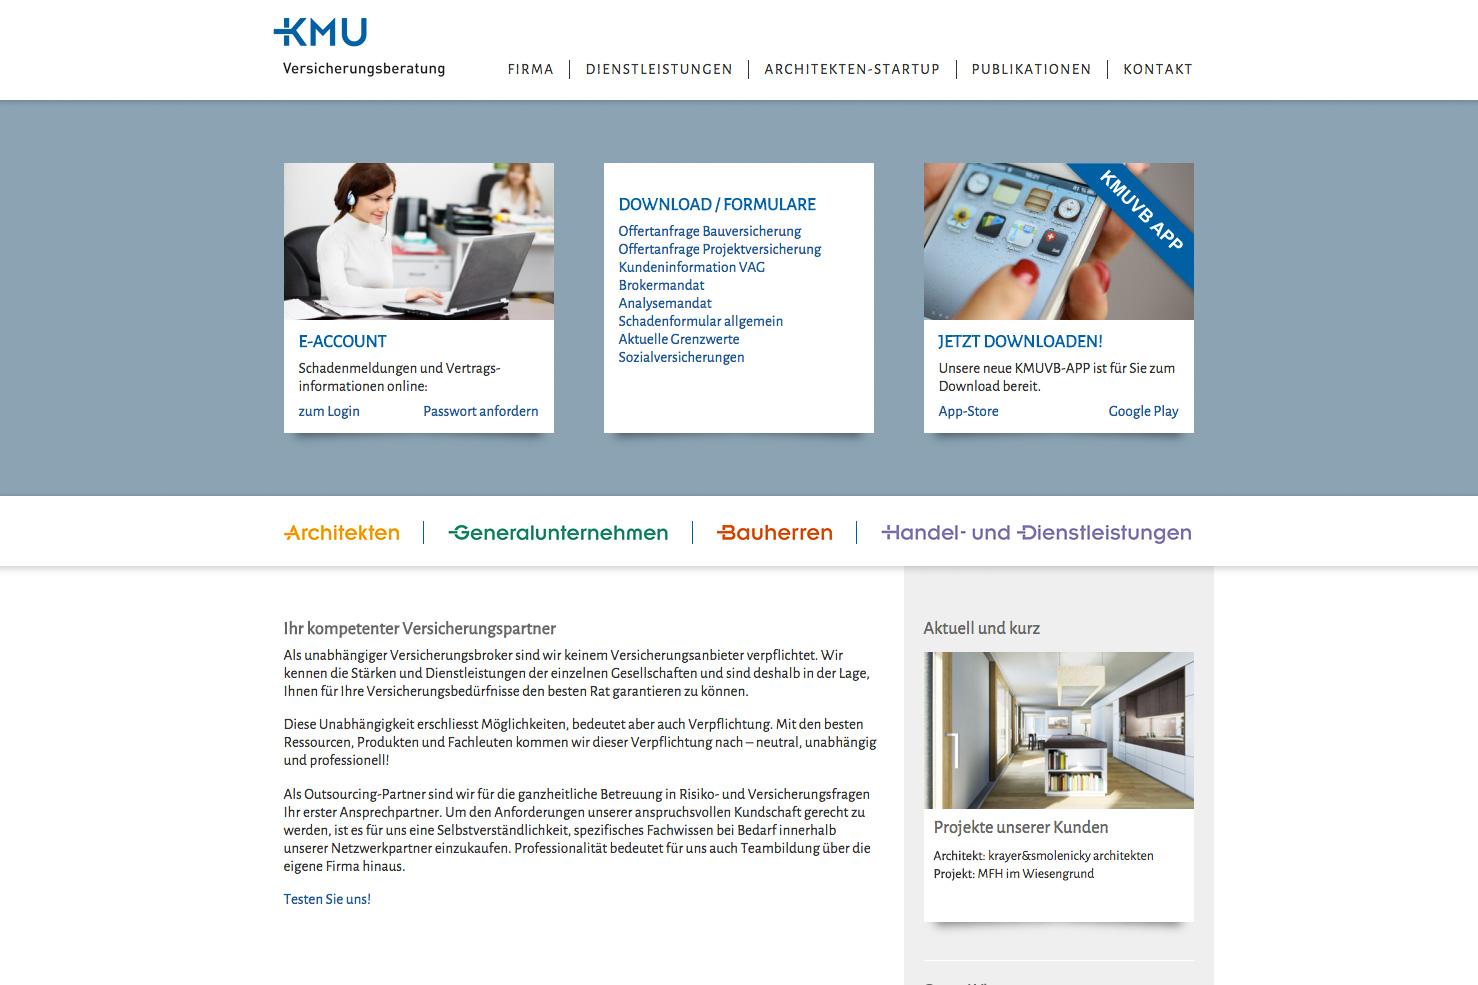 Bild 1 vom KMU Versicherungsberatung Webseite